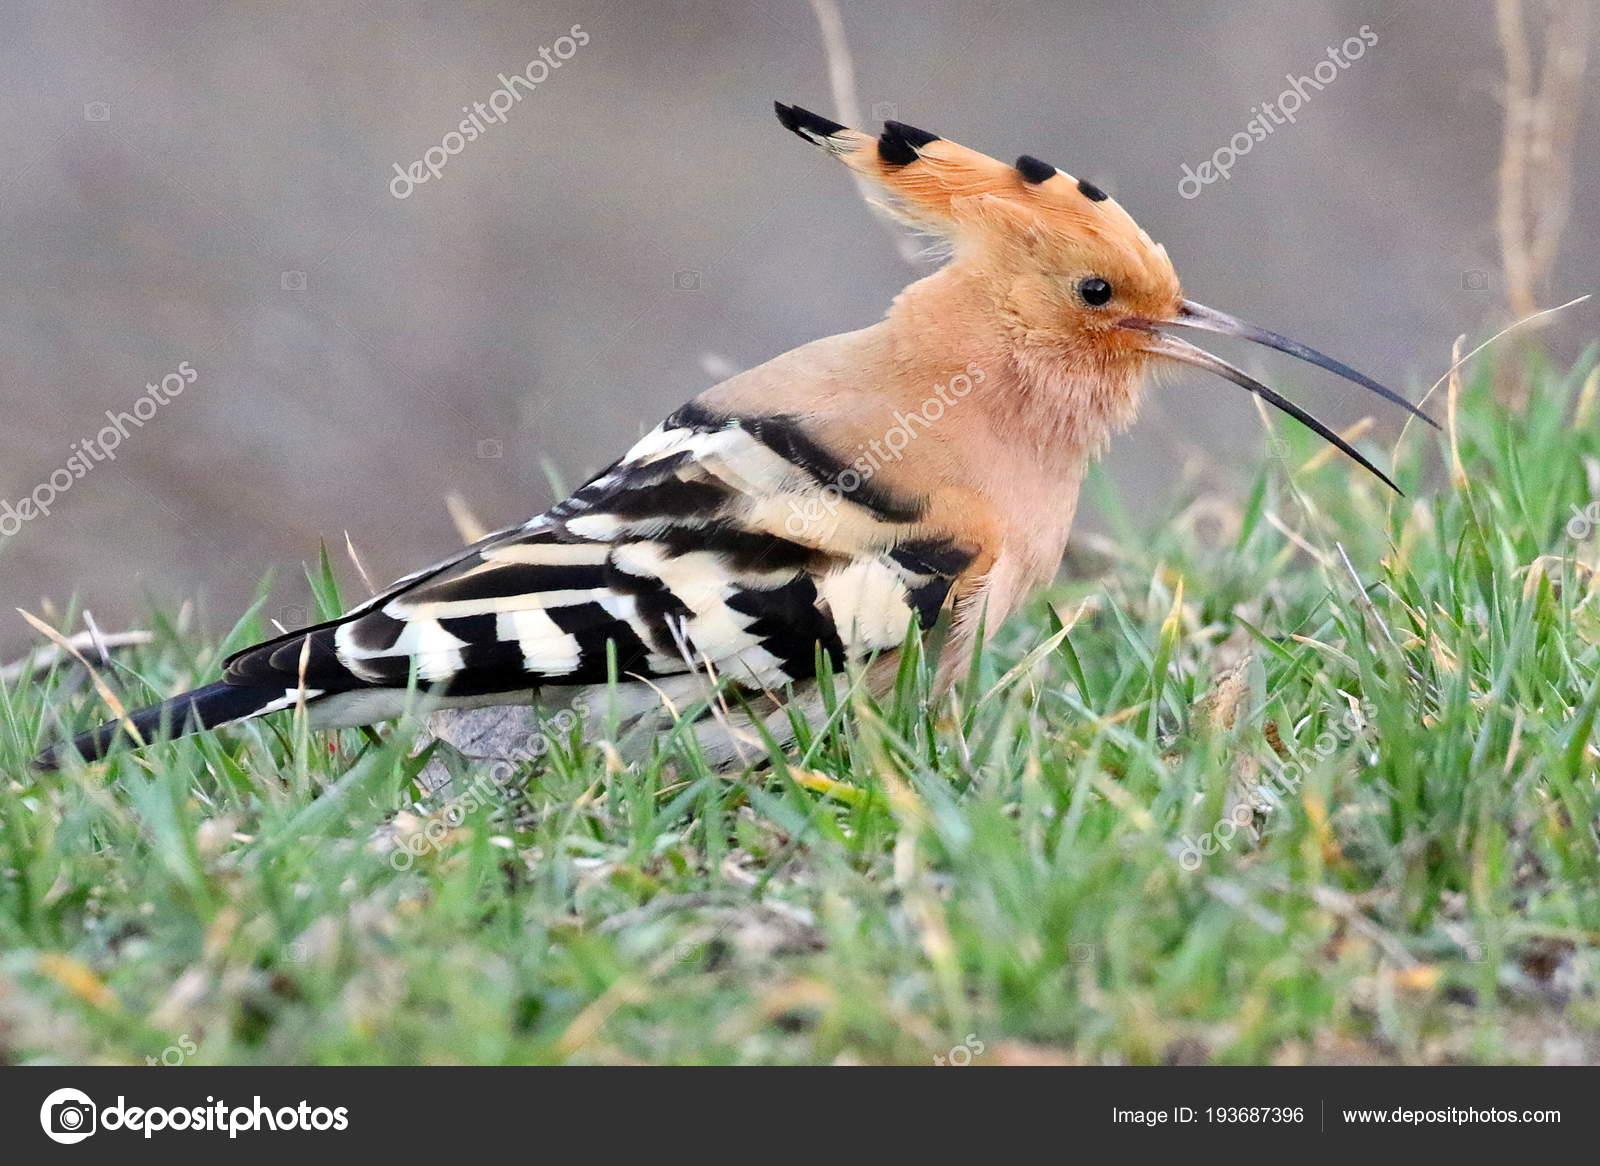 Βόλτα αυτό το μεγάλο πουλί